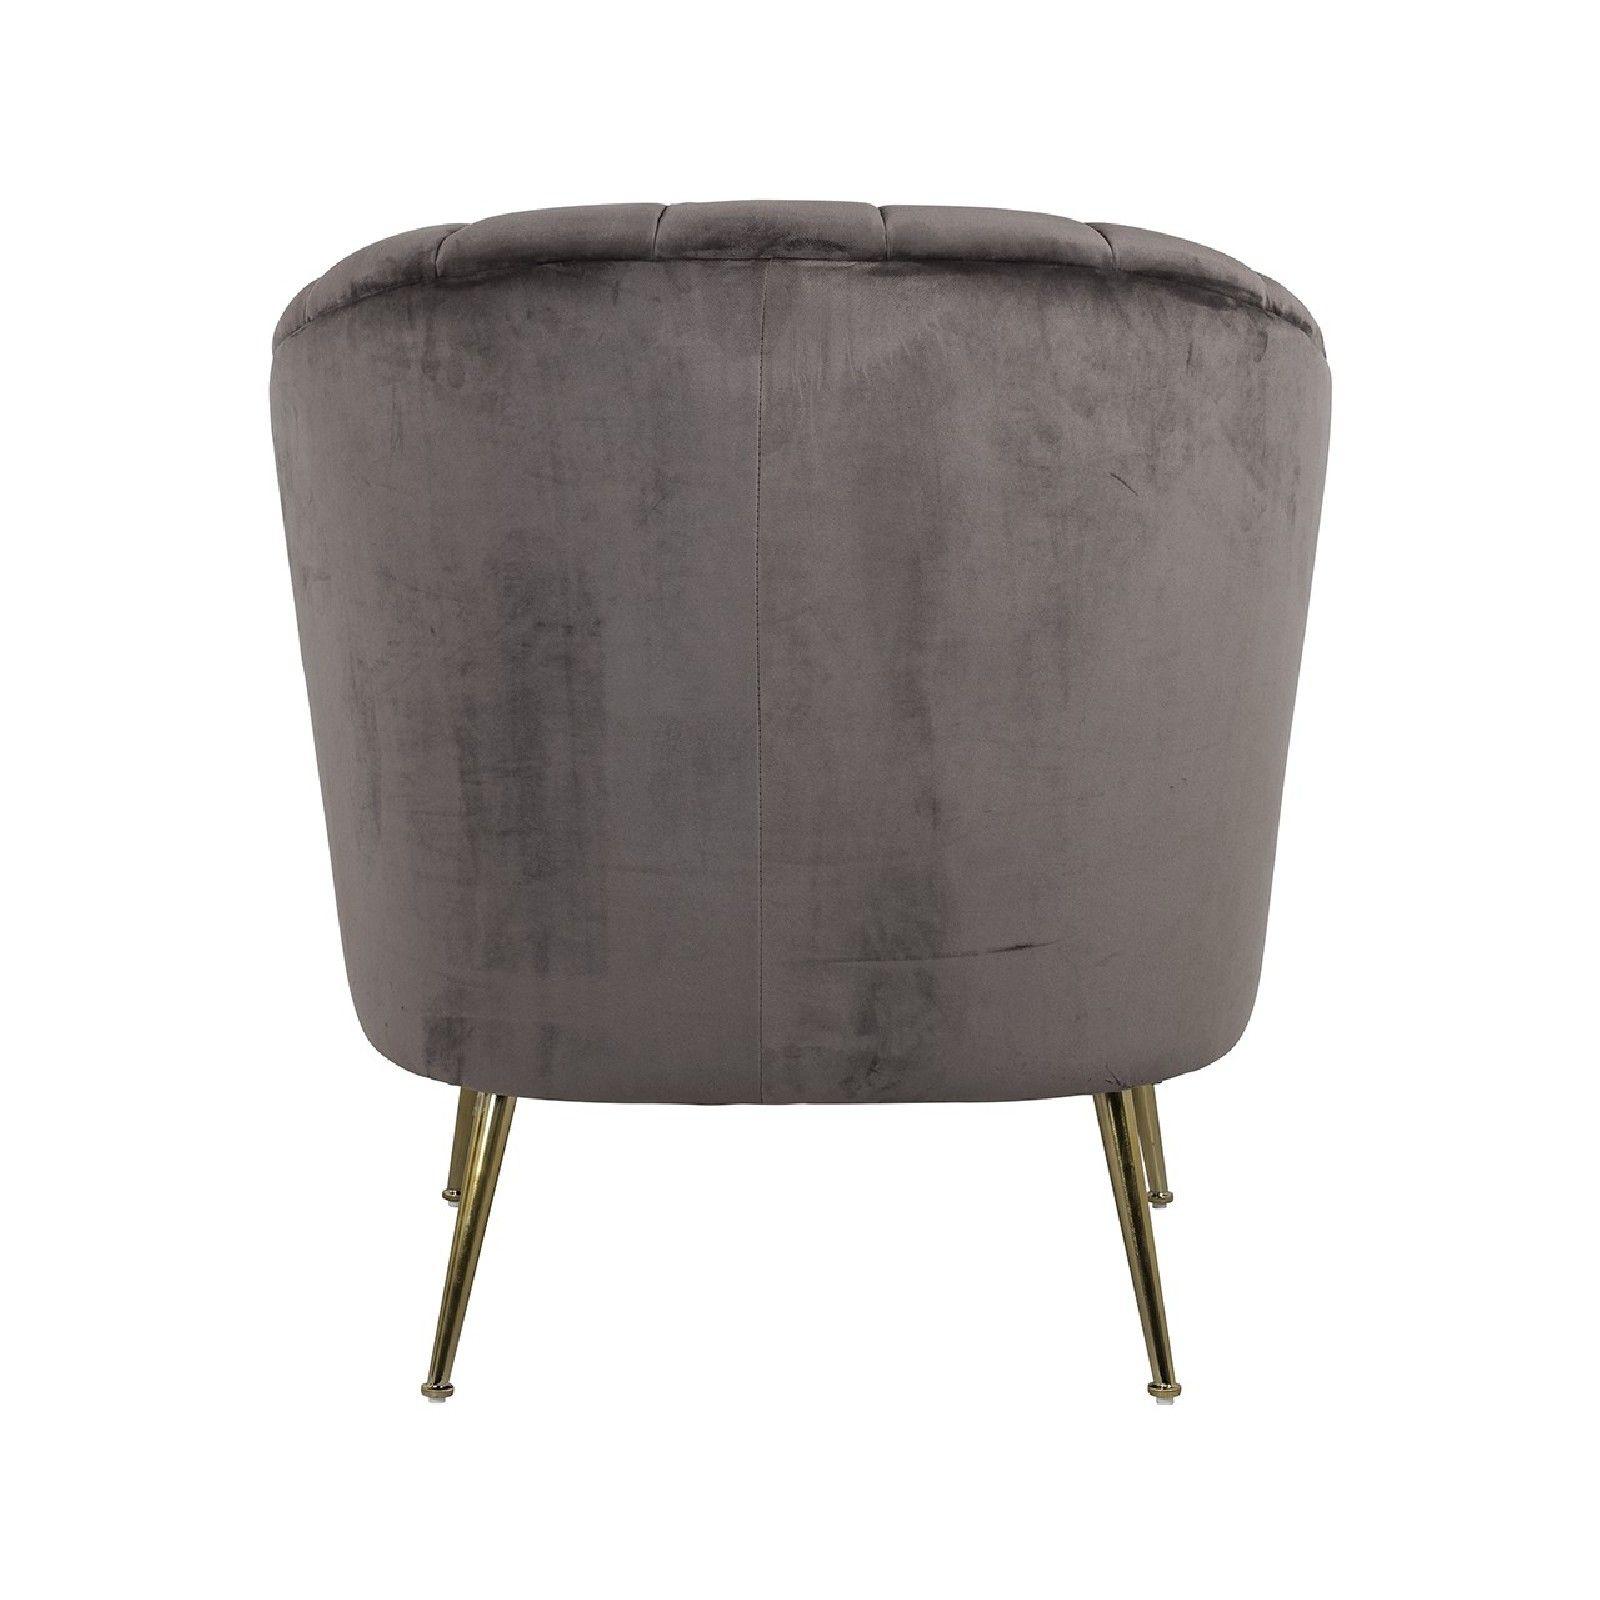 Fauteuil Shelly Stone velvet / doré Fauteuils - 248